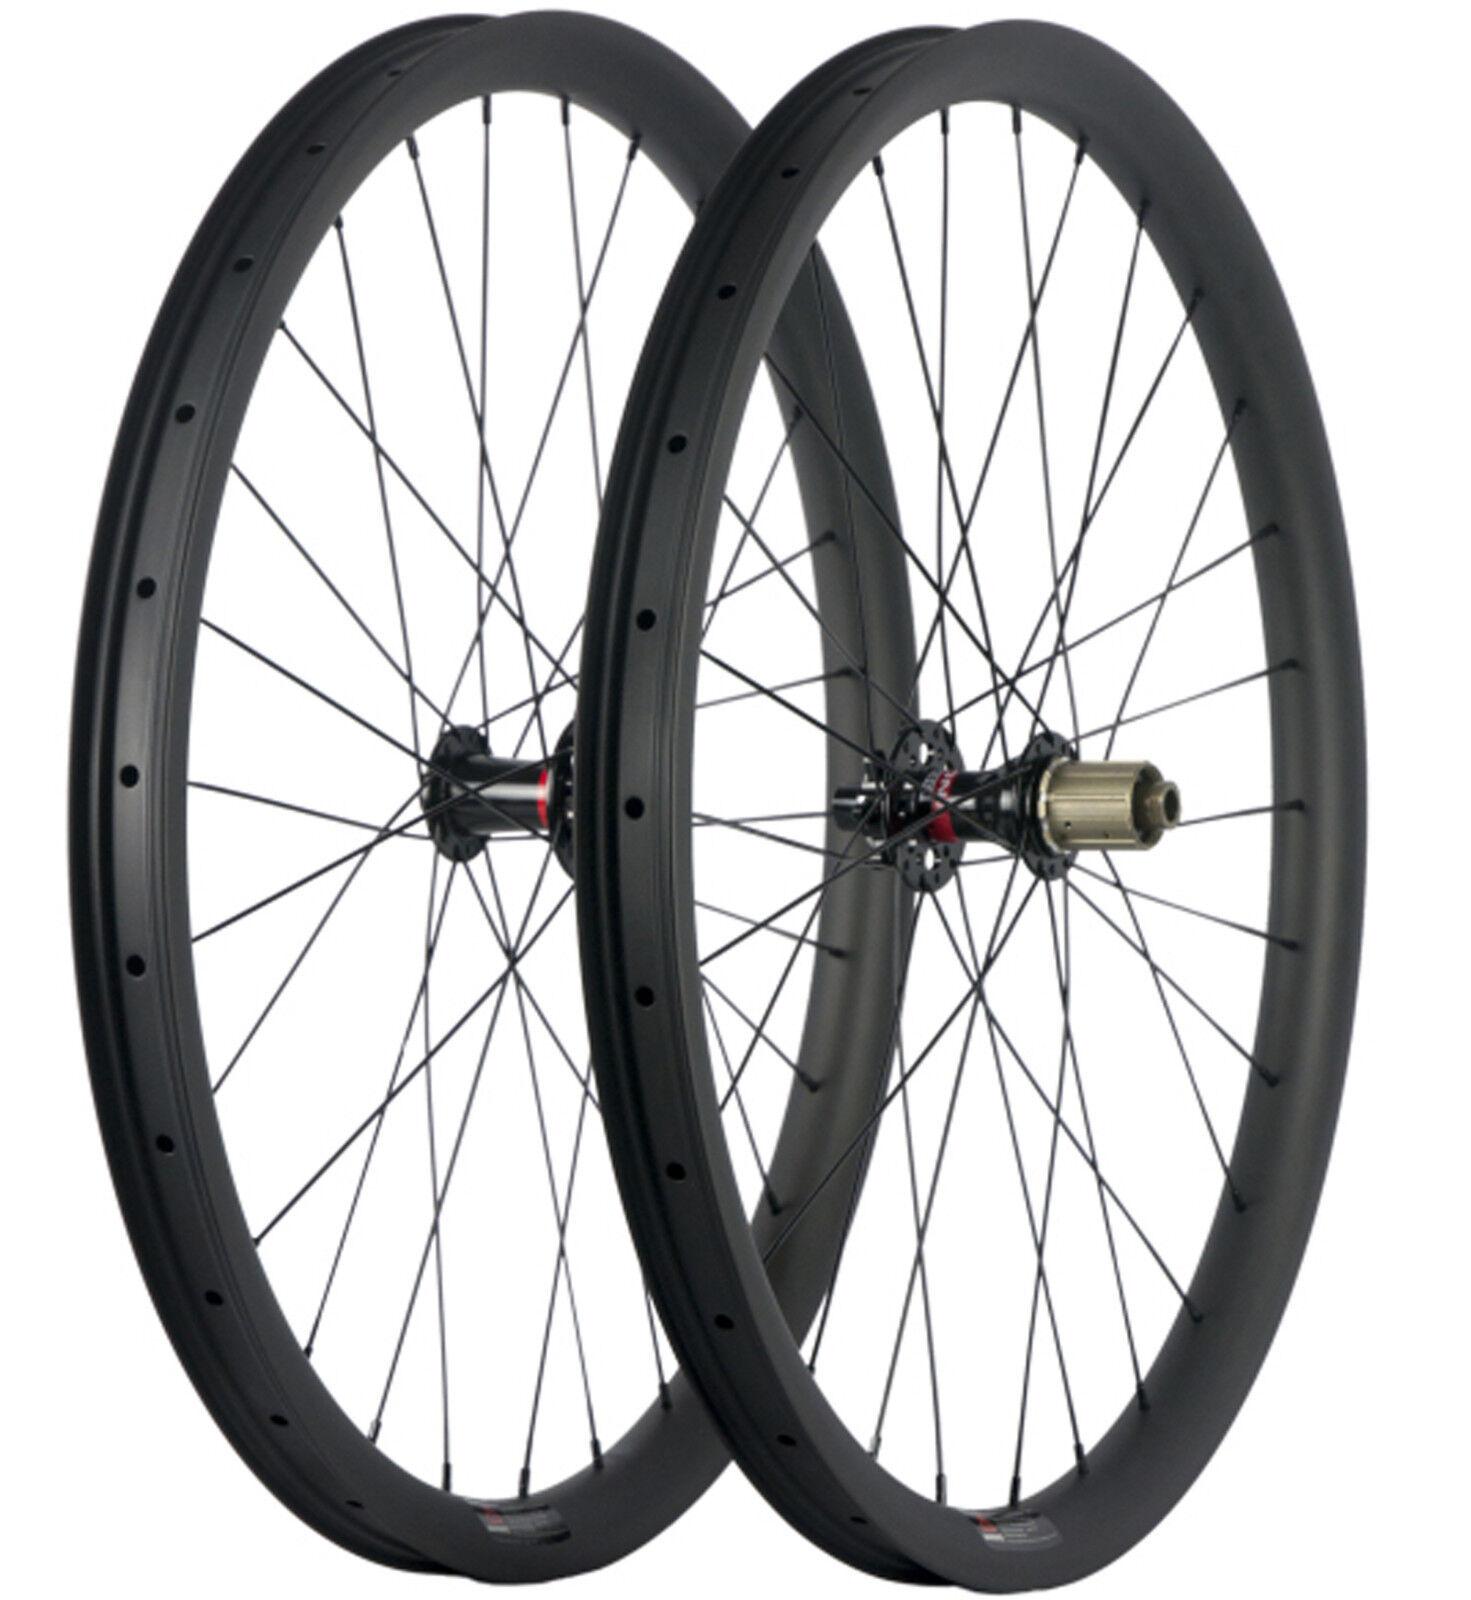 27.5ER Mountain Bike Wheelset Rim 40mm Width Tubeless MTB Full Carbon Wheelset